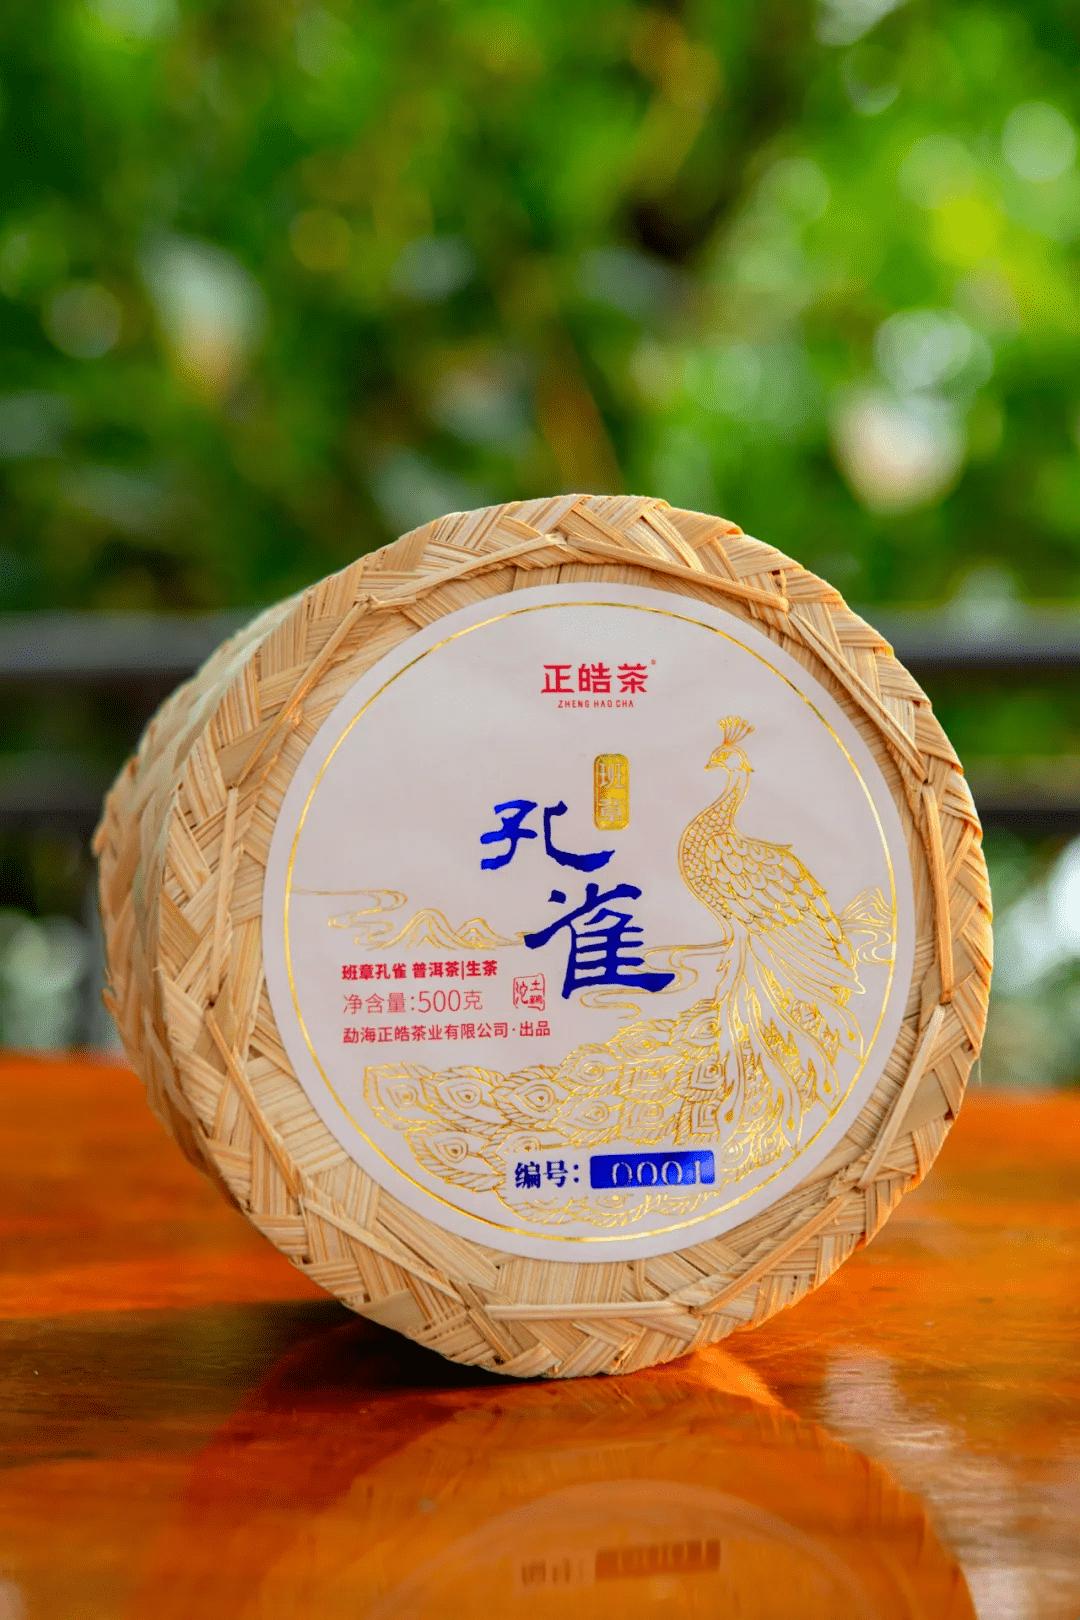 2021正皓茶云南茶山探索之旅圆满成功,重磅产品闪耀登场